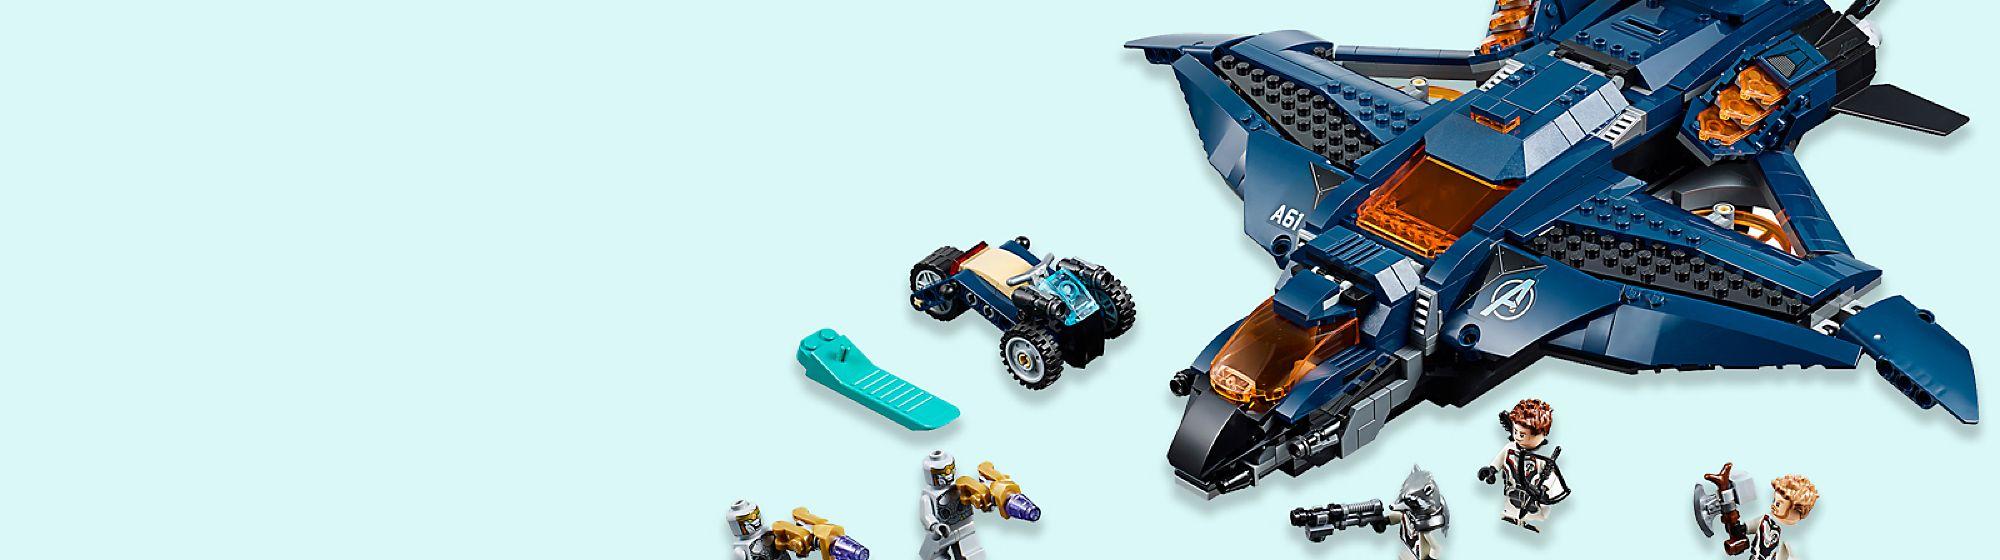 Construcción Con nuestros juguetes de construcción podrás crear miles de cosas. Descubre la colección completa, y ¡diviértete jugando!